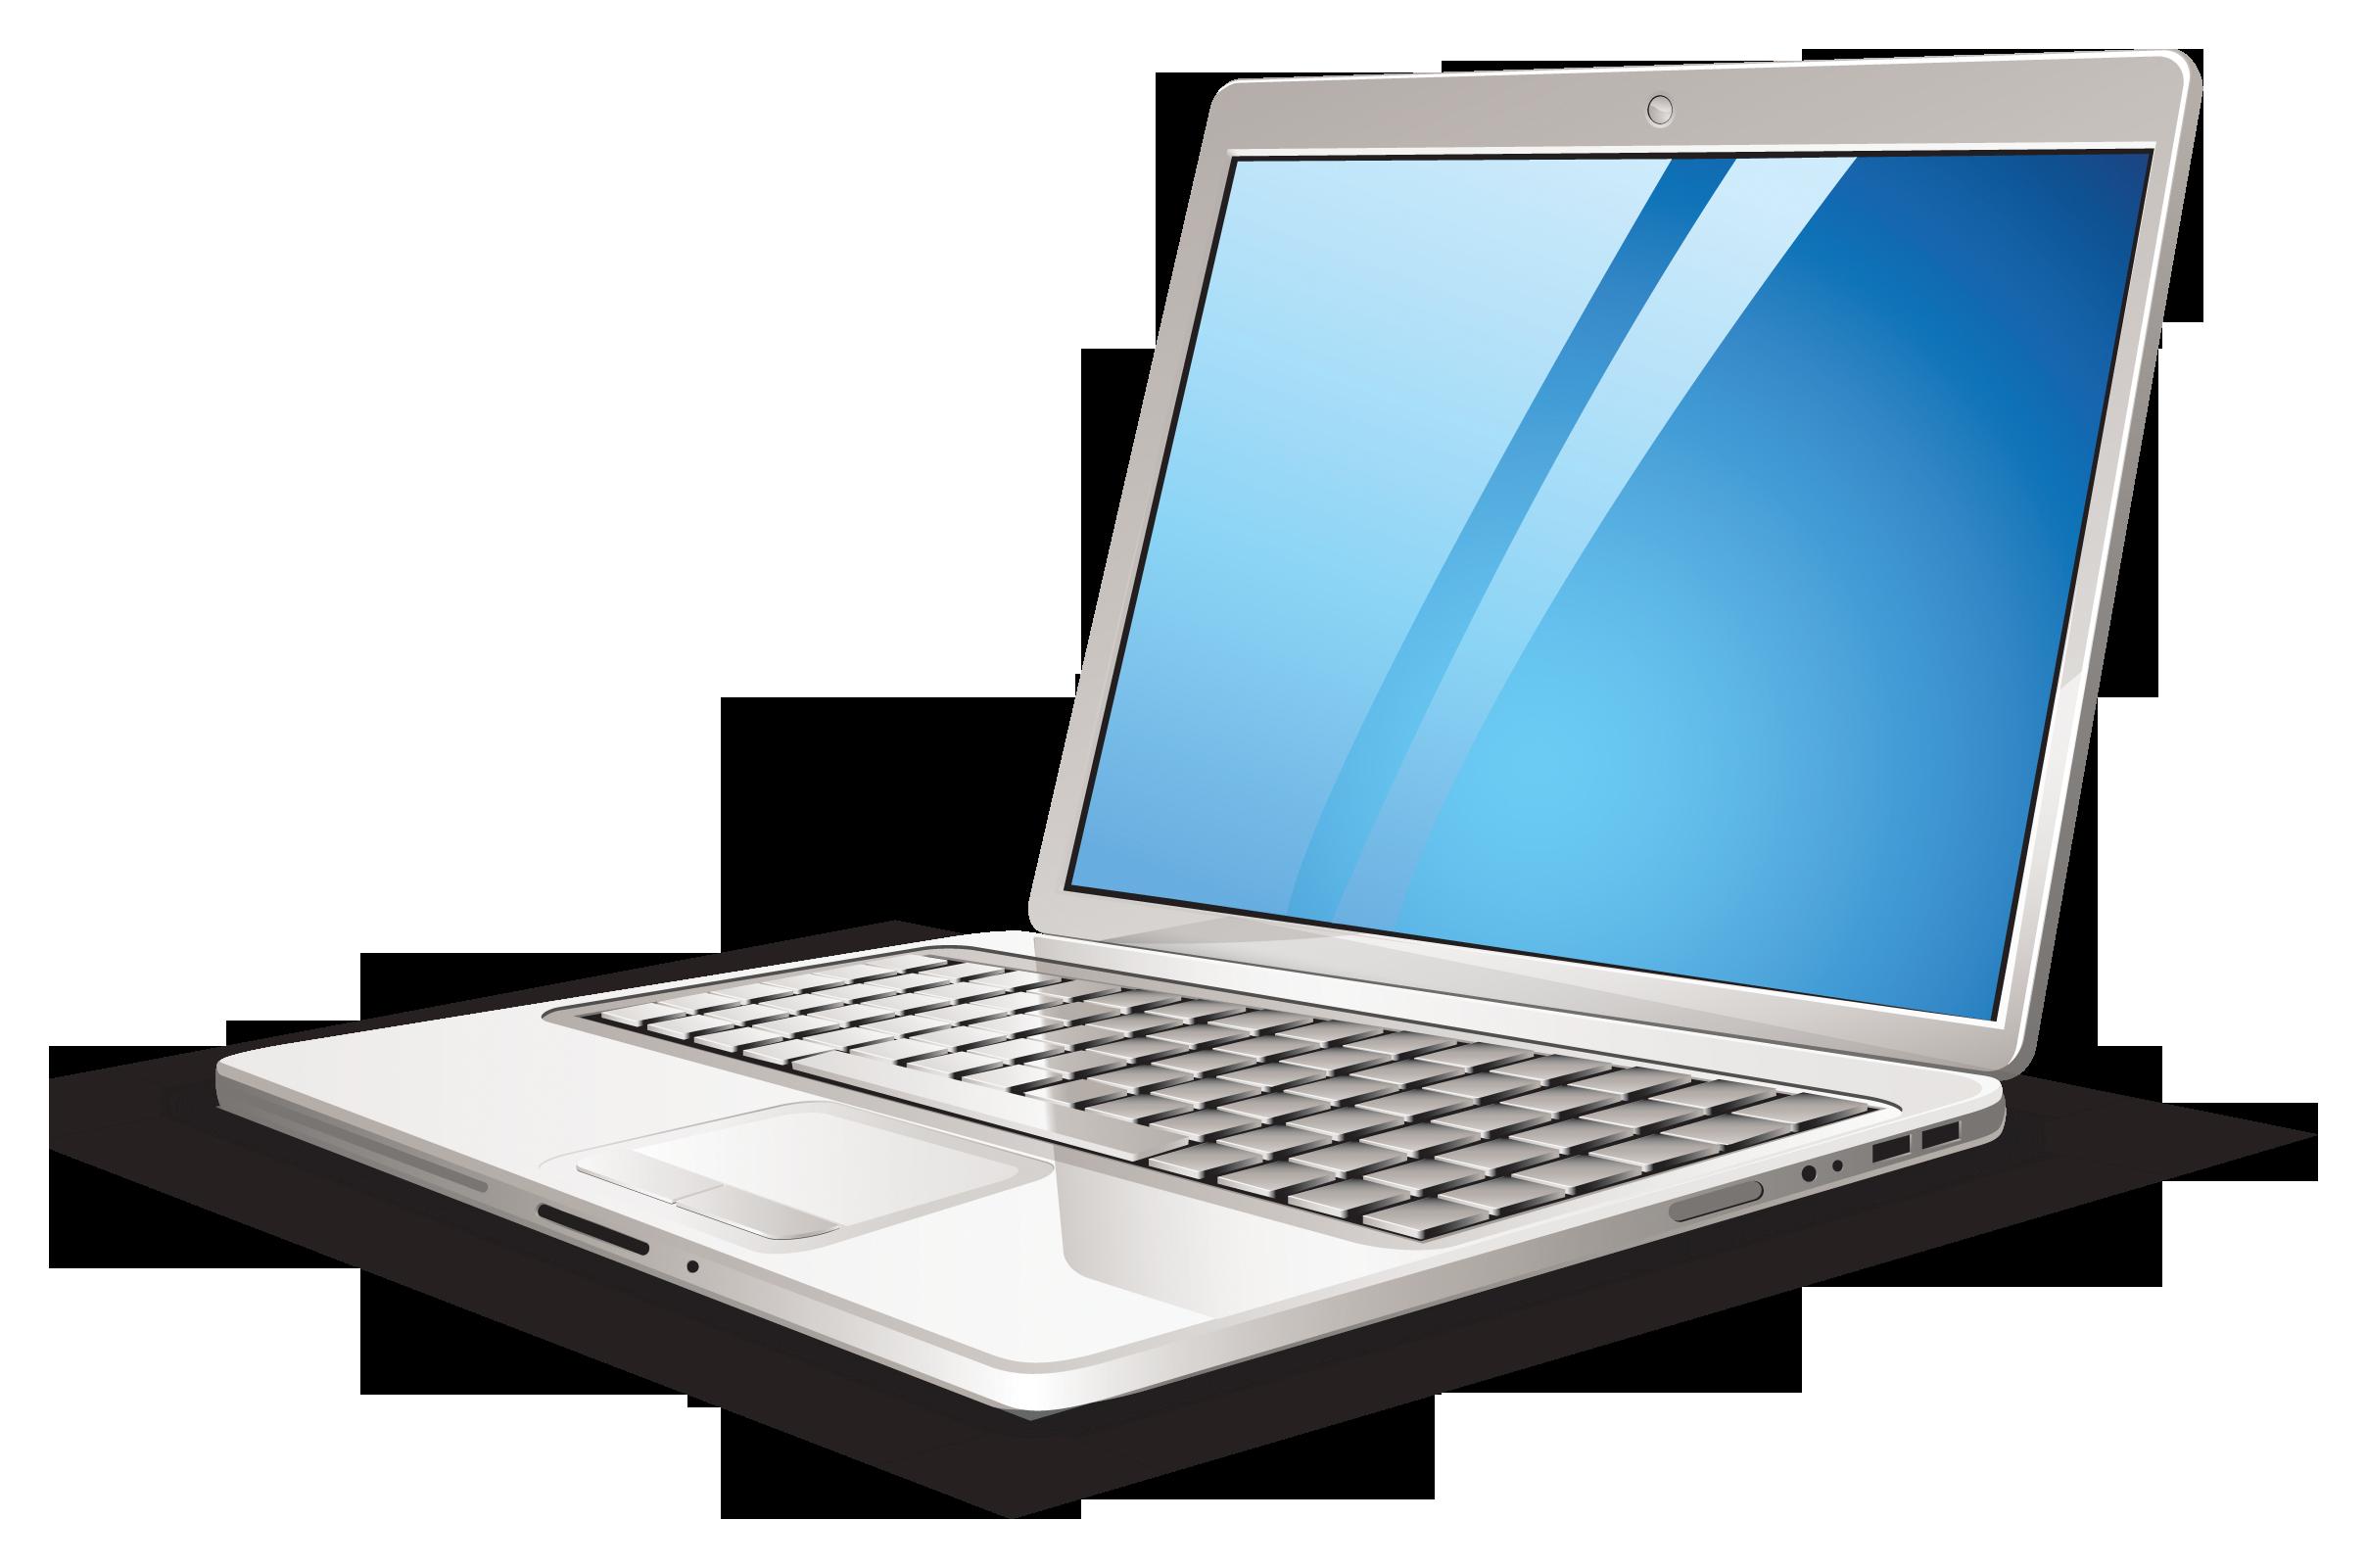 Laptop PNG HD - 143663